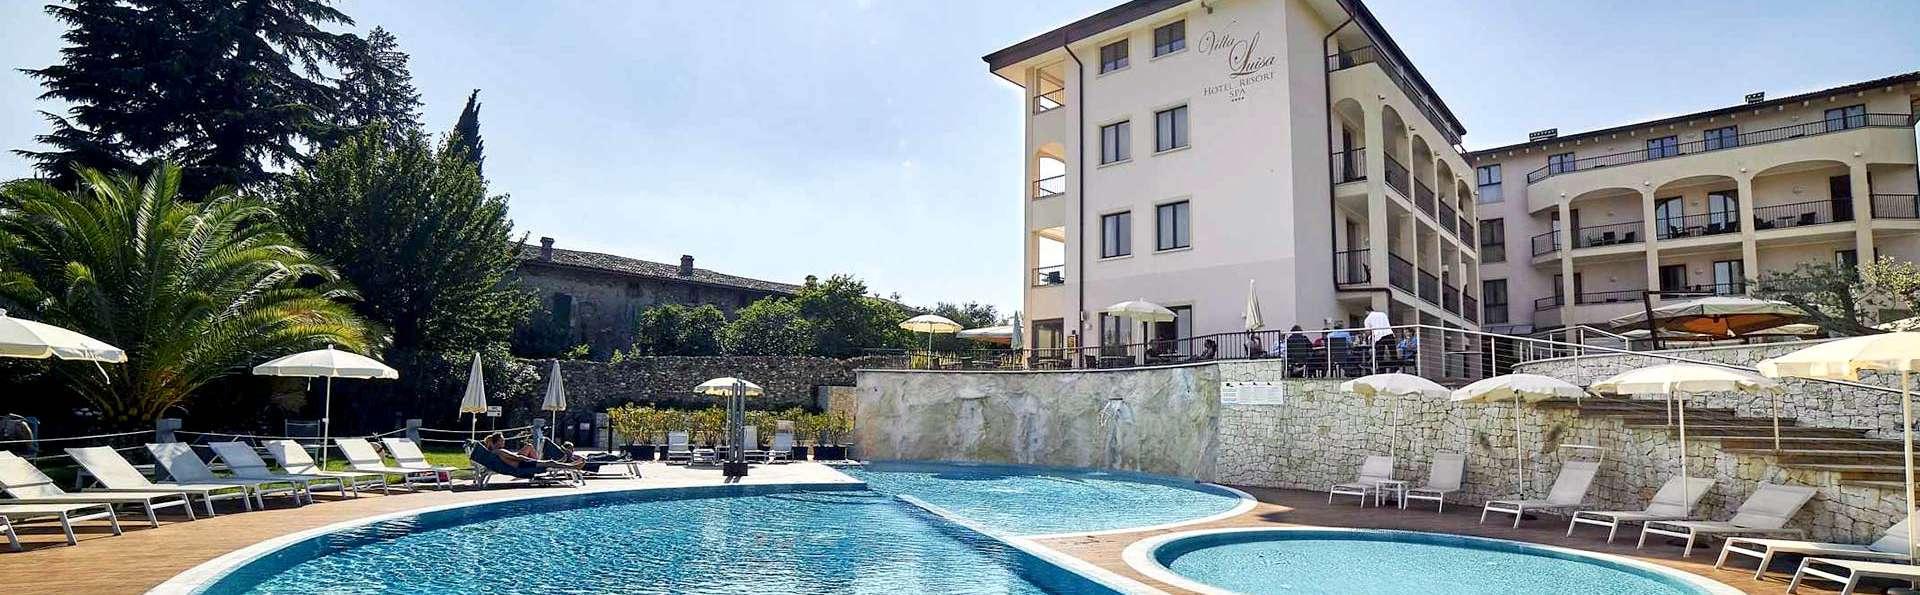 Entre las colinas lombardas de San Felice del Benaco y las aguas del lago de Garda